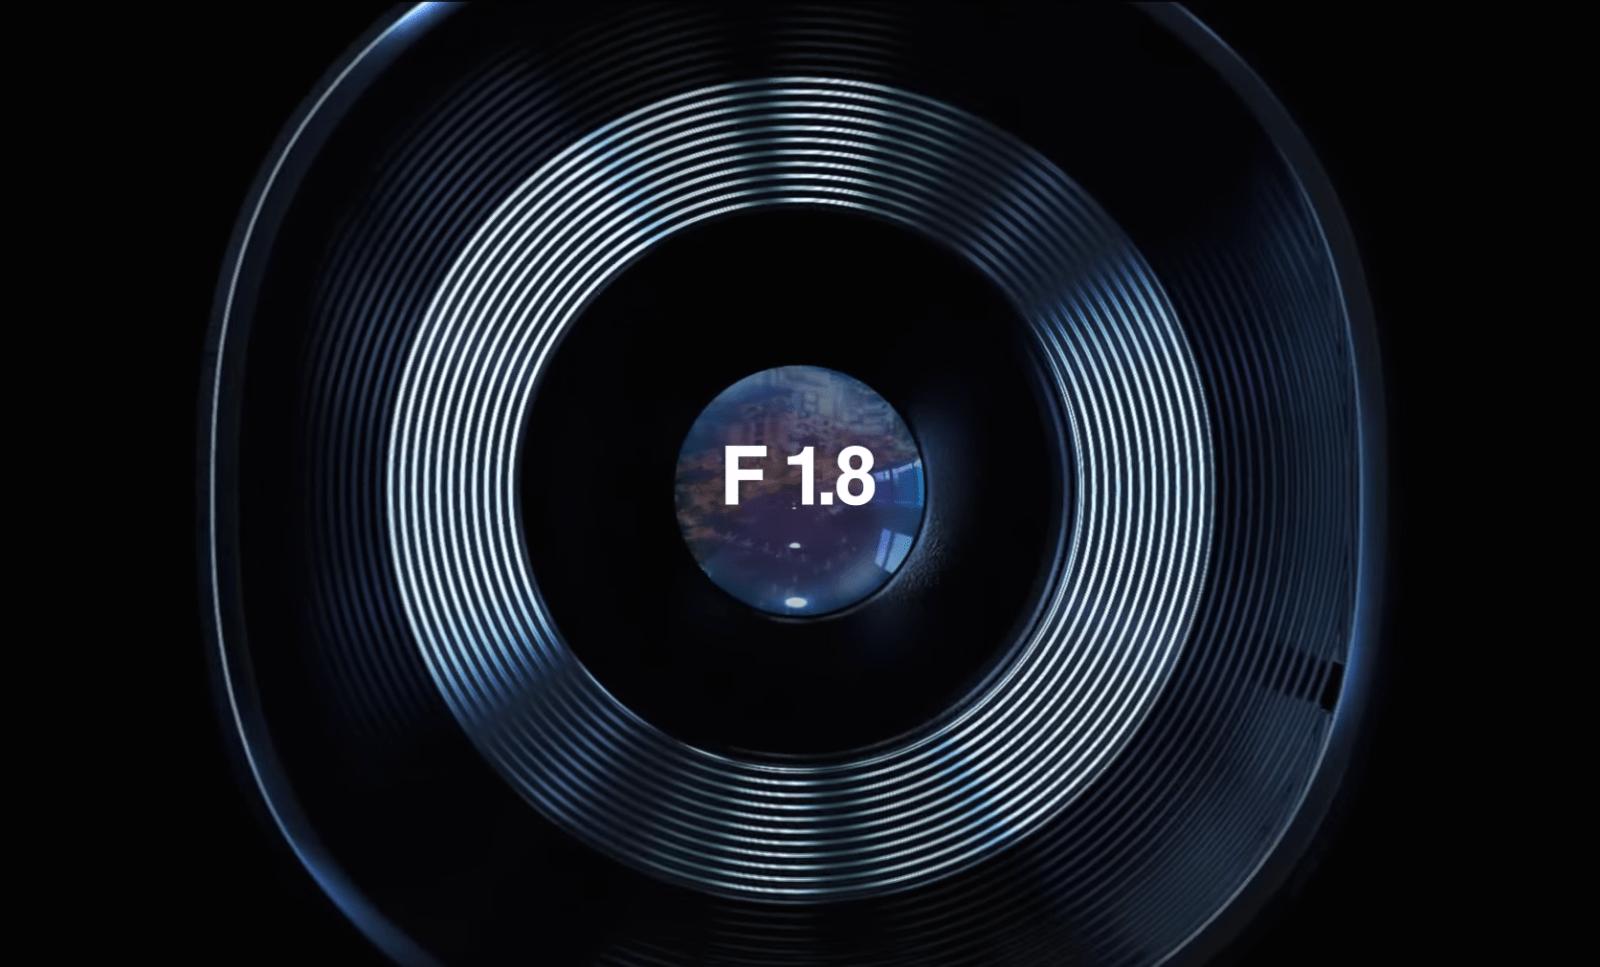 F18 LG G4